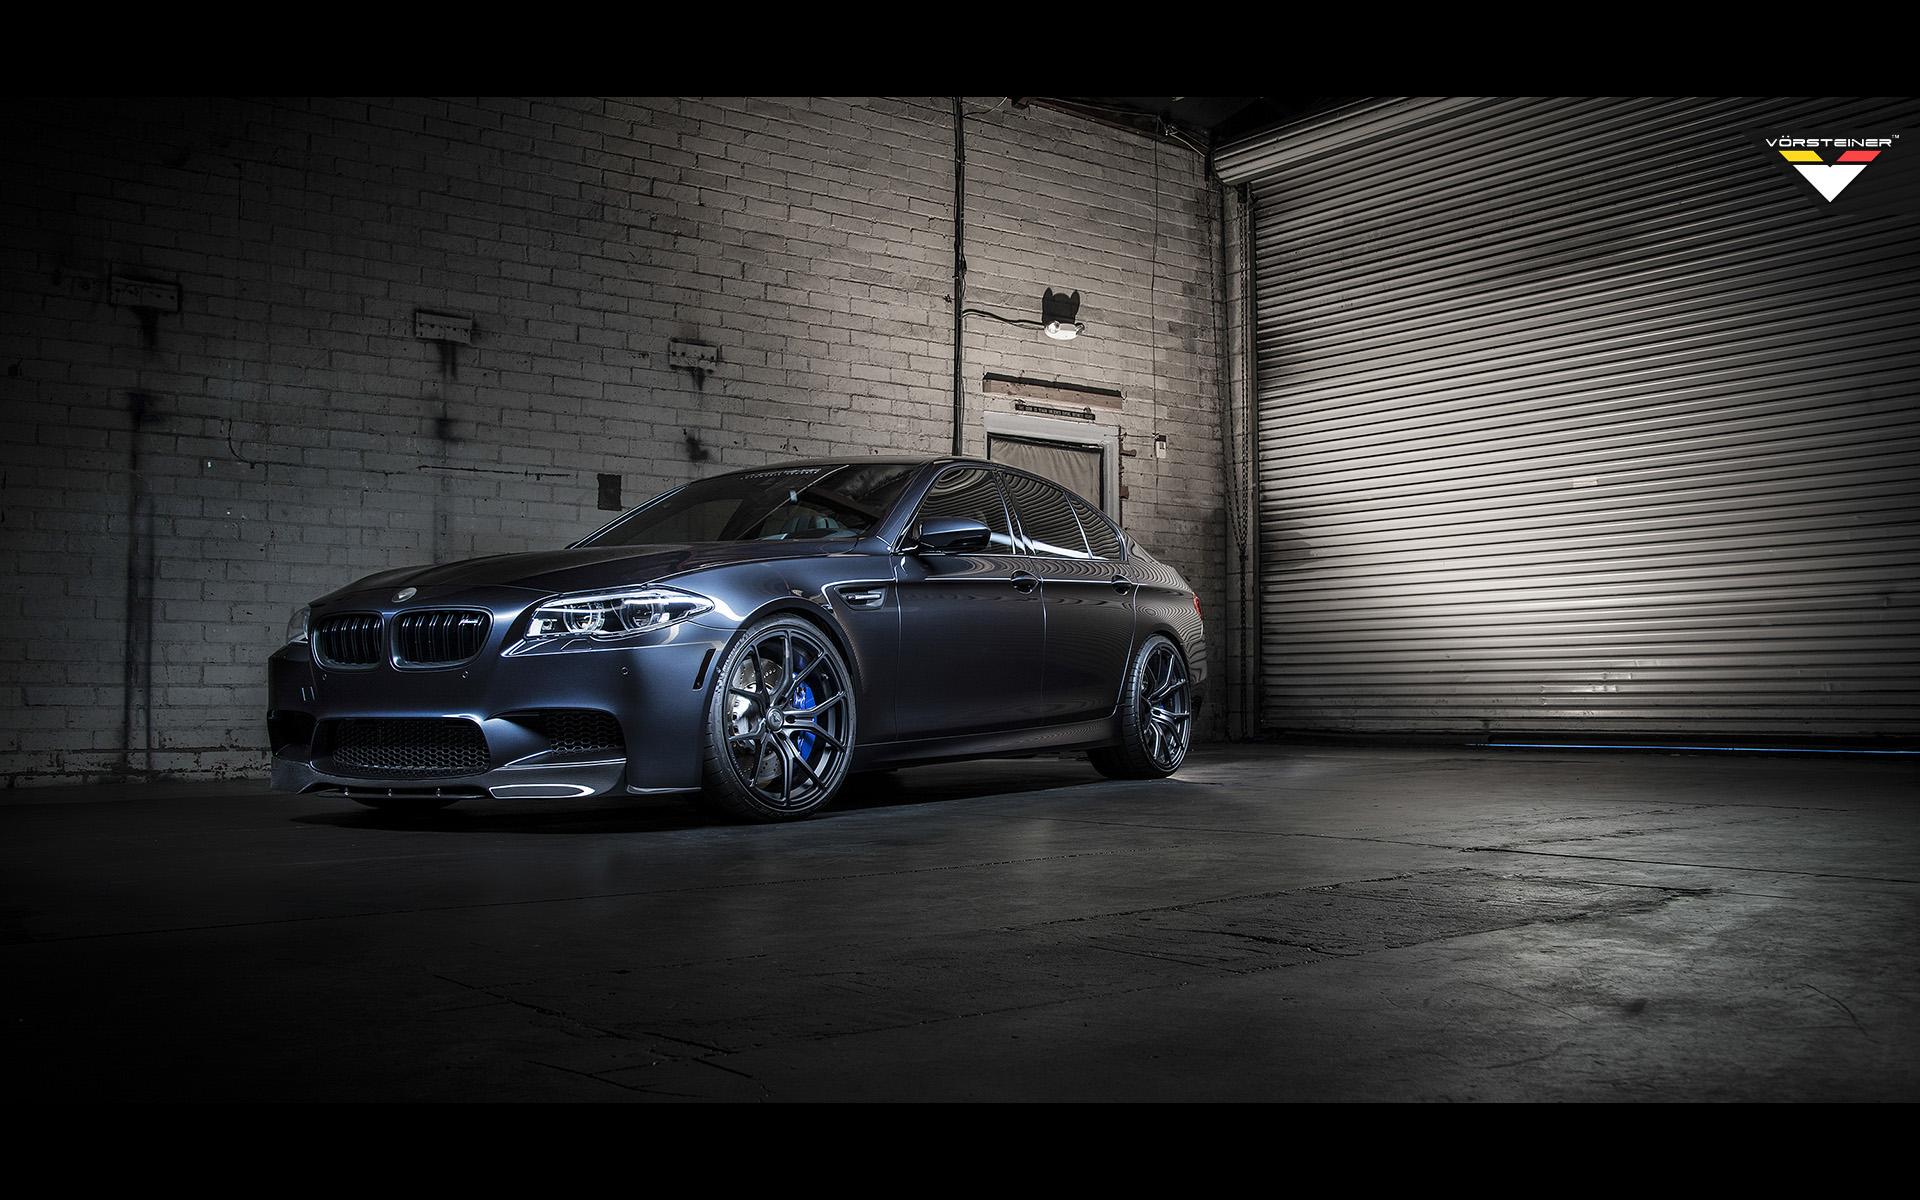 2014 Vorsteiner BMW F10 M5 m-5 fs wallpaper | 1920x1200 ...